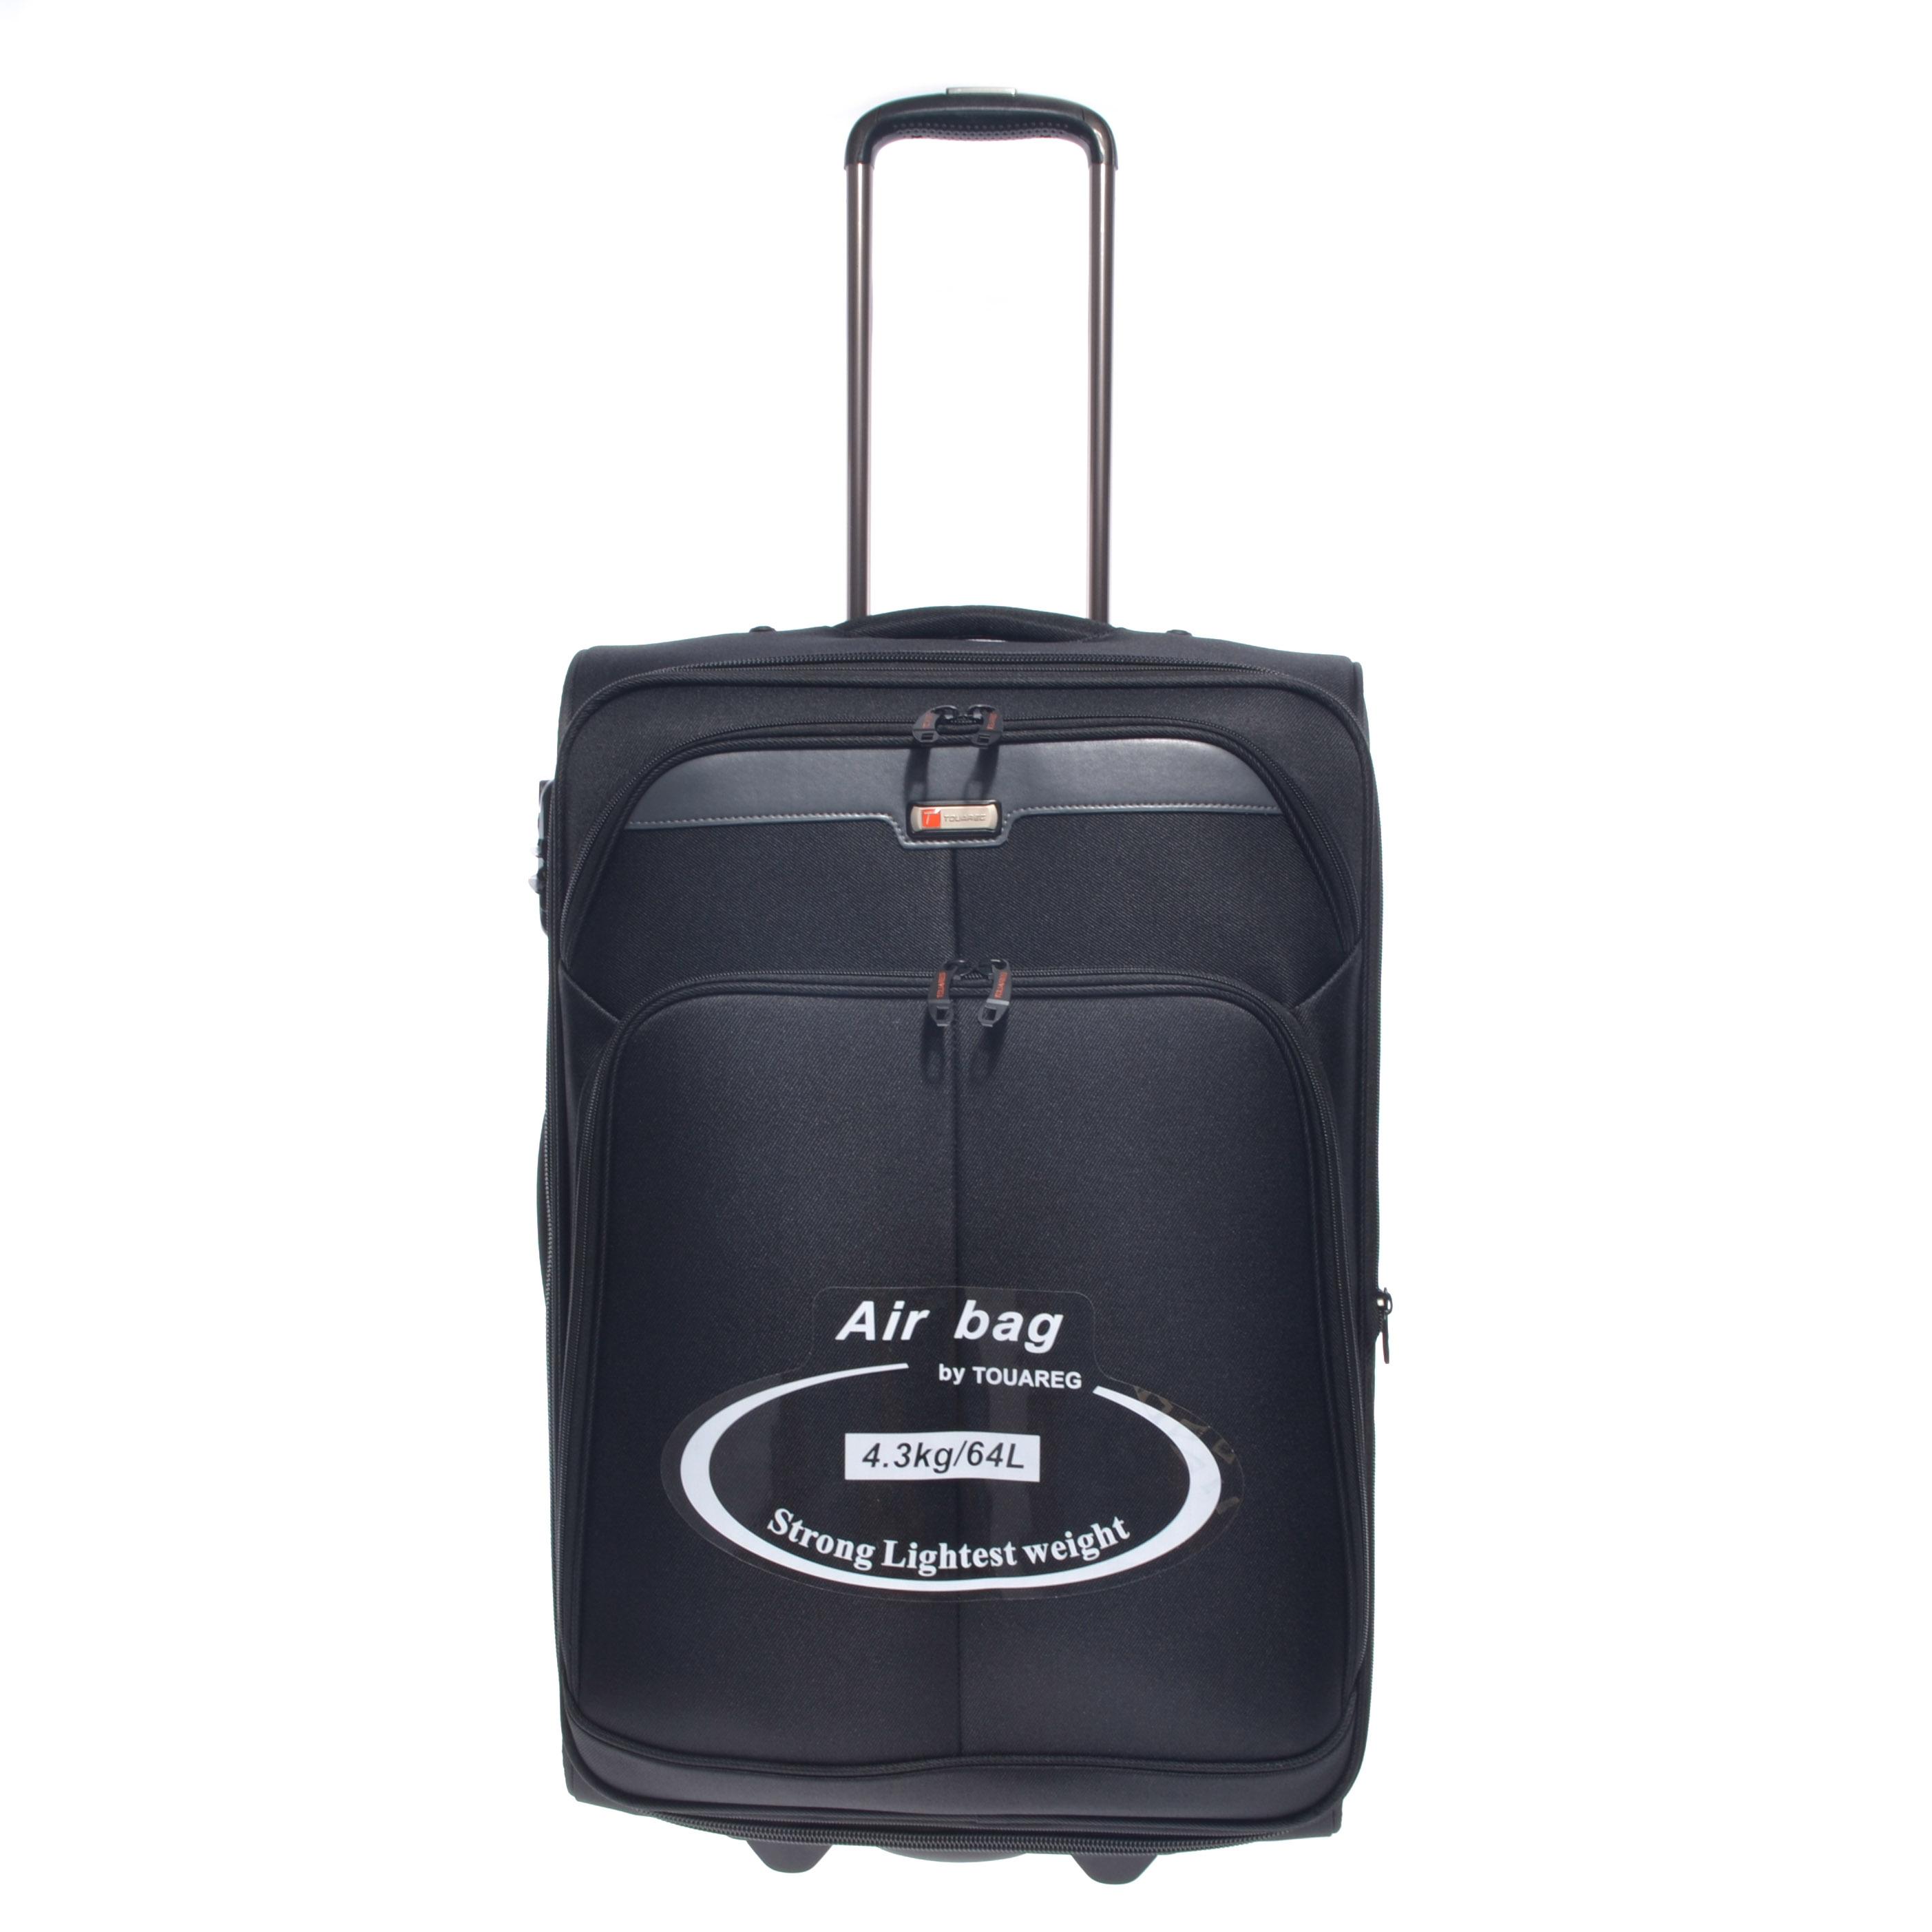 604306663ce0 C09-255 Fekete Touareg Közepes Méretű Bőrönd - KÖZEPES MÉRETŰ BŐRÖNDÖK - Táska  webáruház - Minőségi táskák mindenkinek